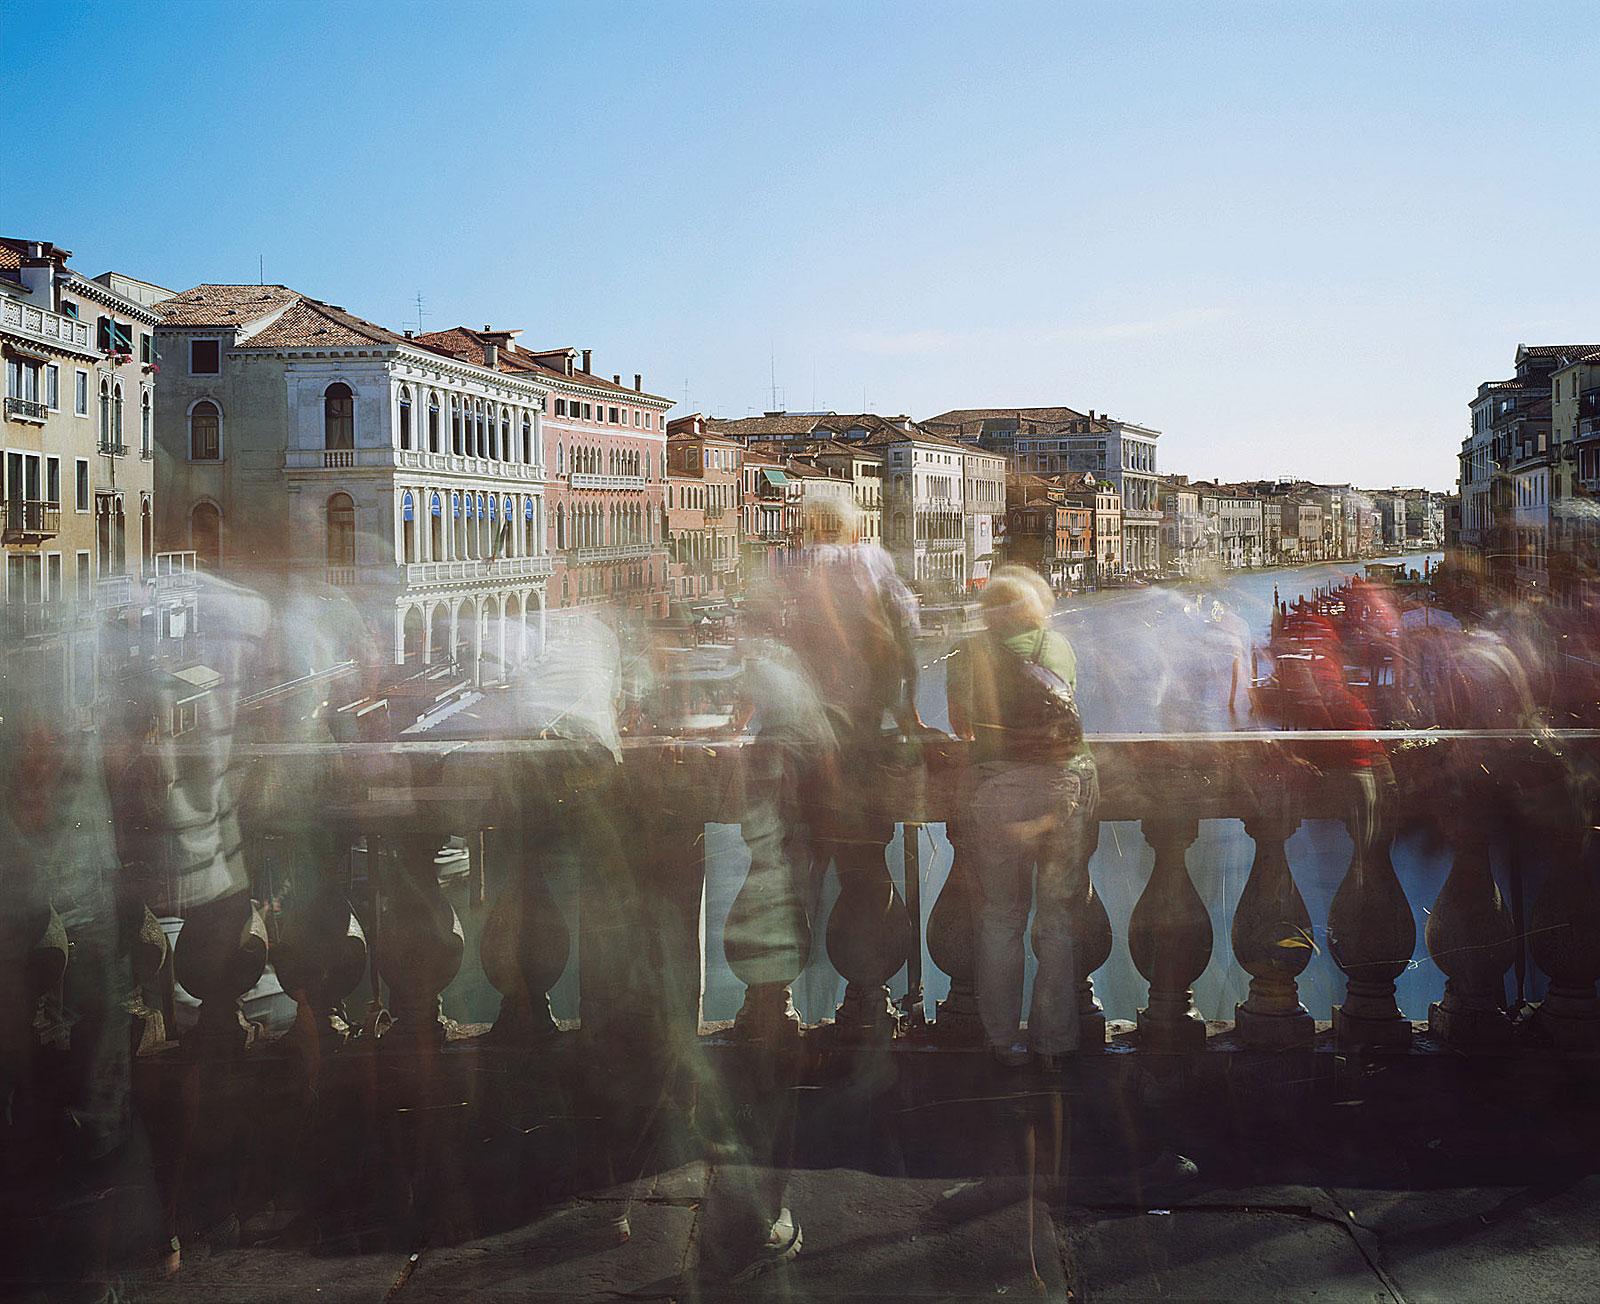 Ponte di Rialto, Venezia (17.40 - 17.45 Uhr, 2.6.2009)